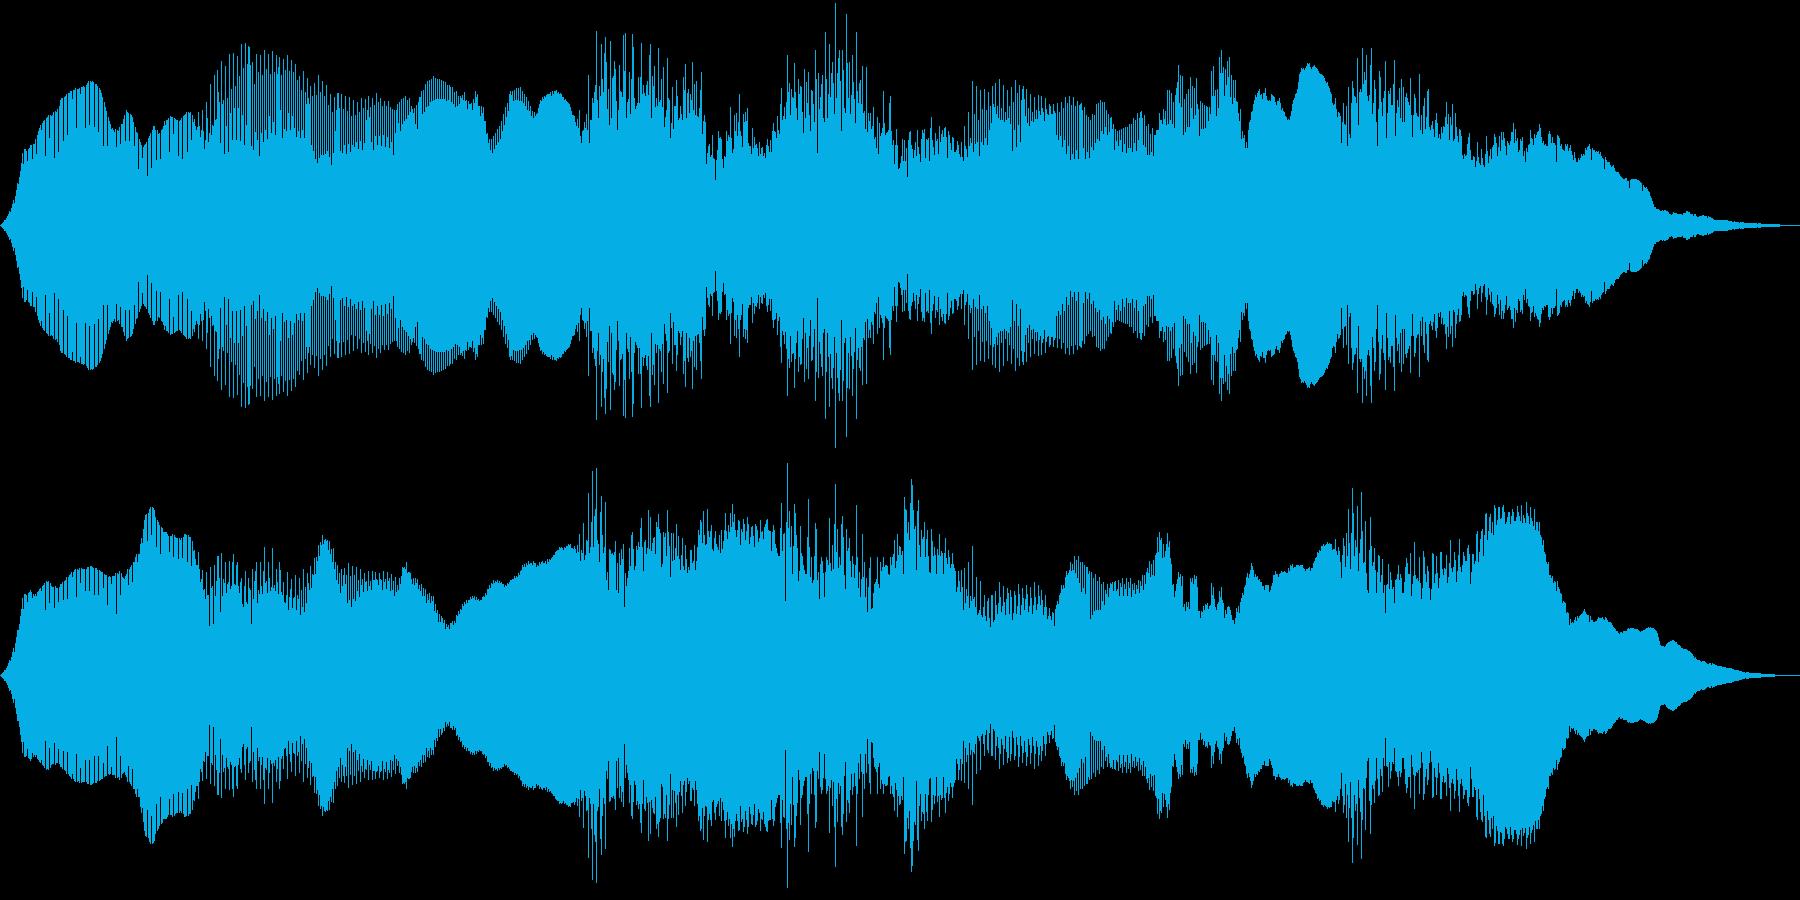 Anime 妖気を感じるPADの再生済みの波形